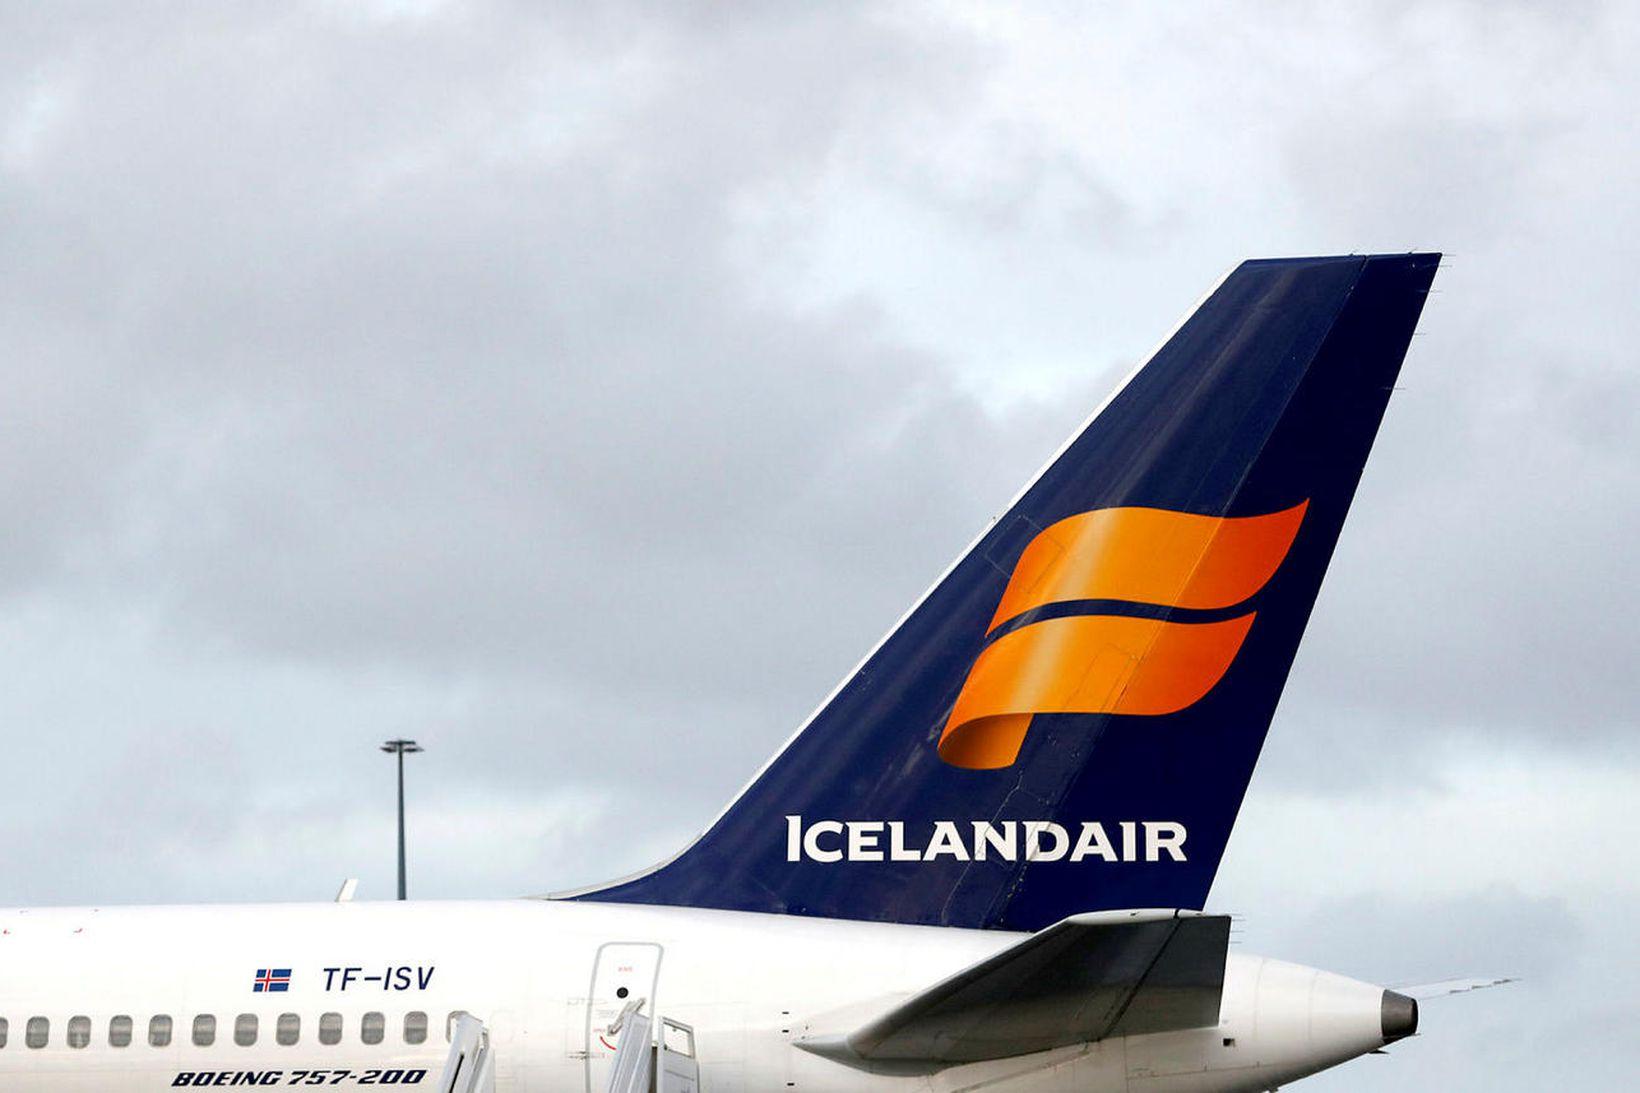 Bréf Icelandair lækkuðu nokkuð við opnun markaða í morgun.